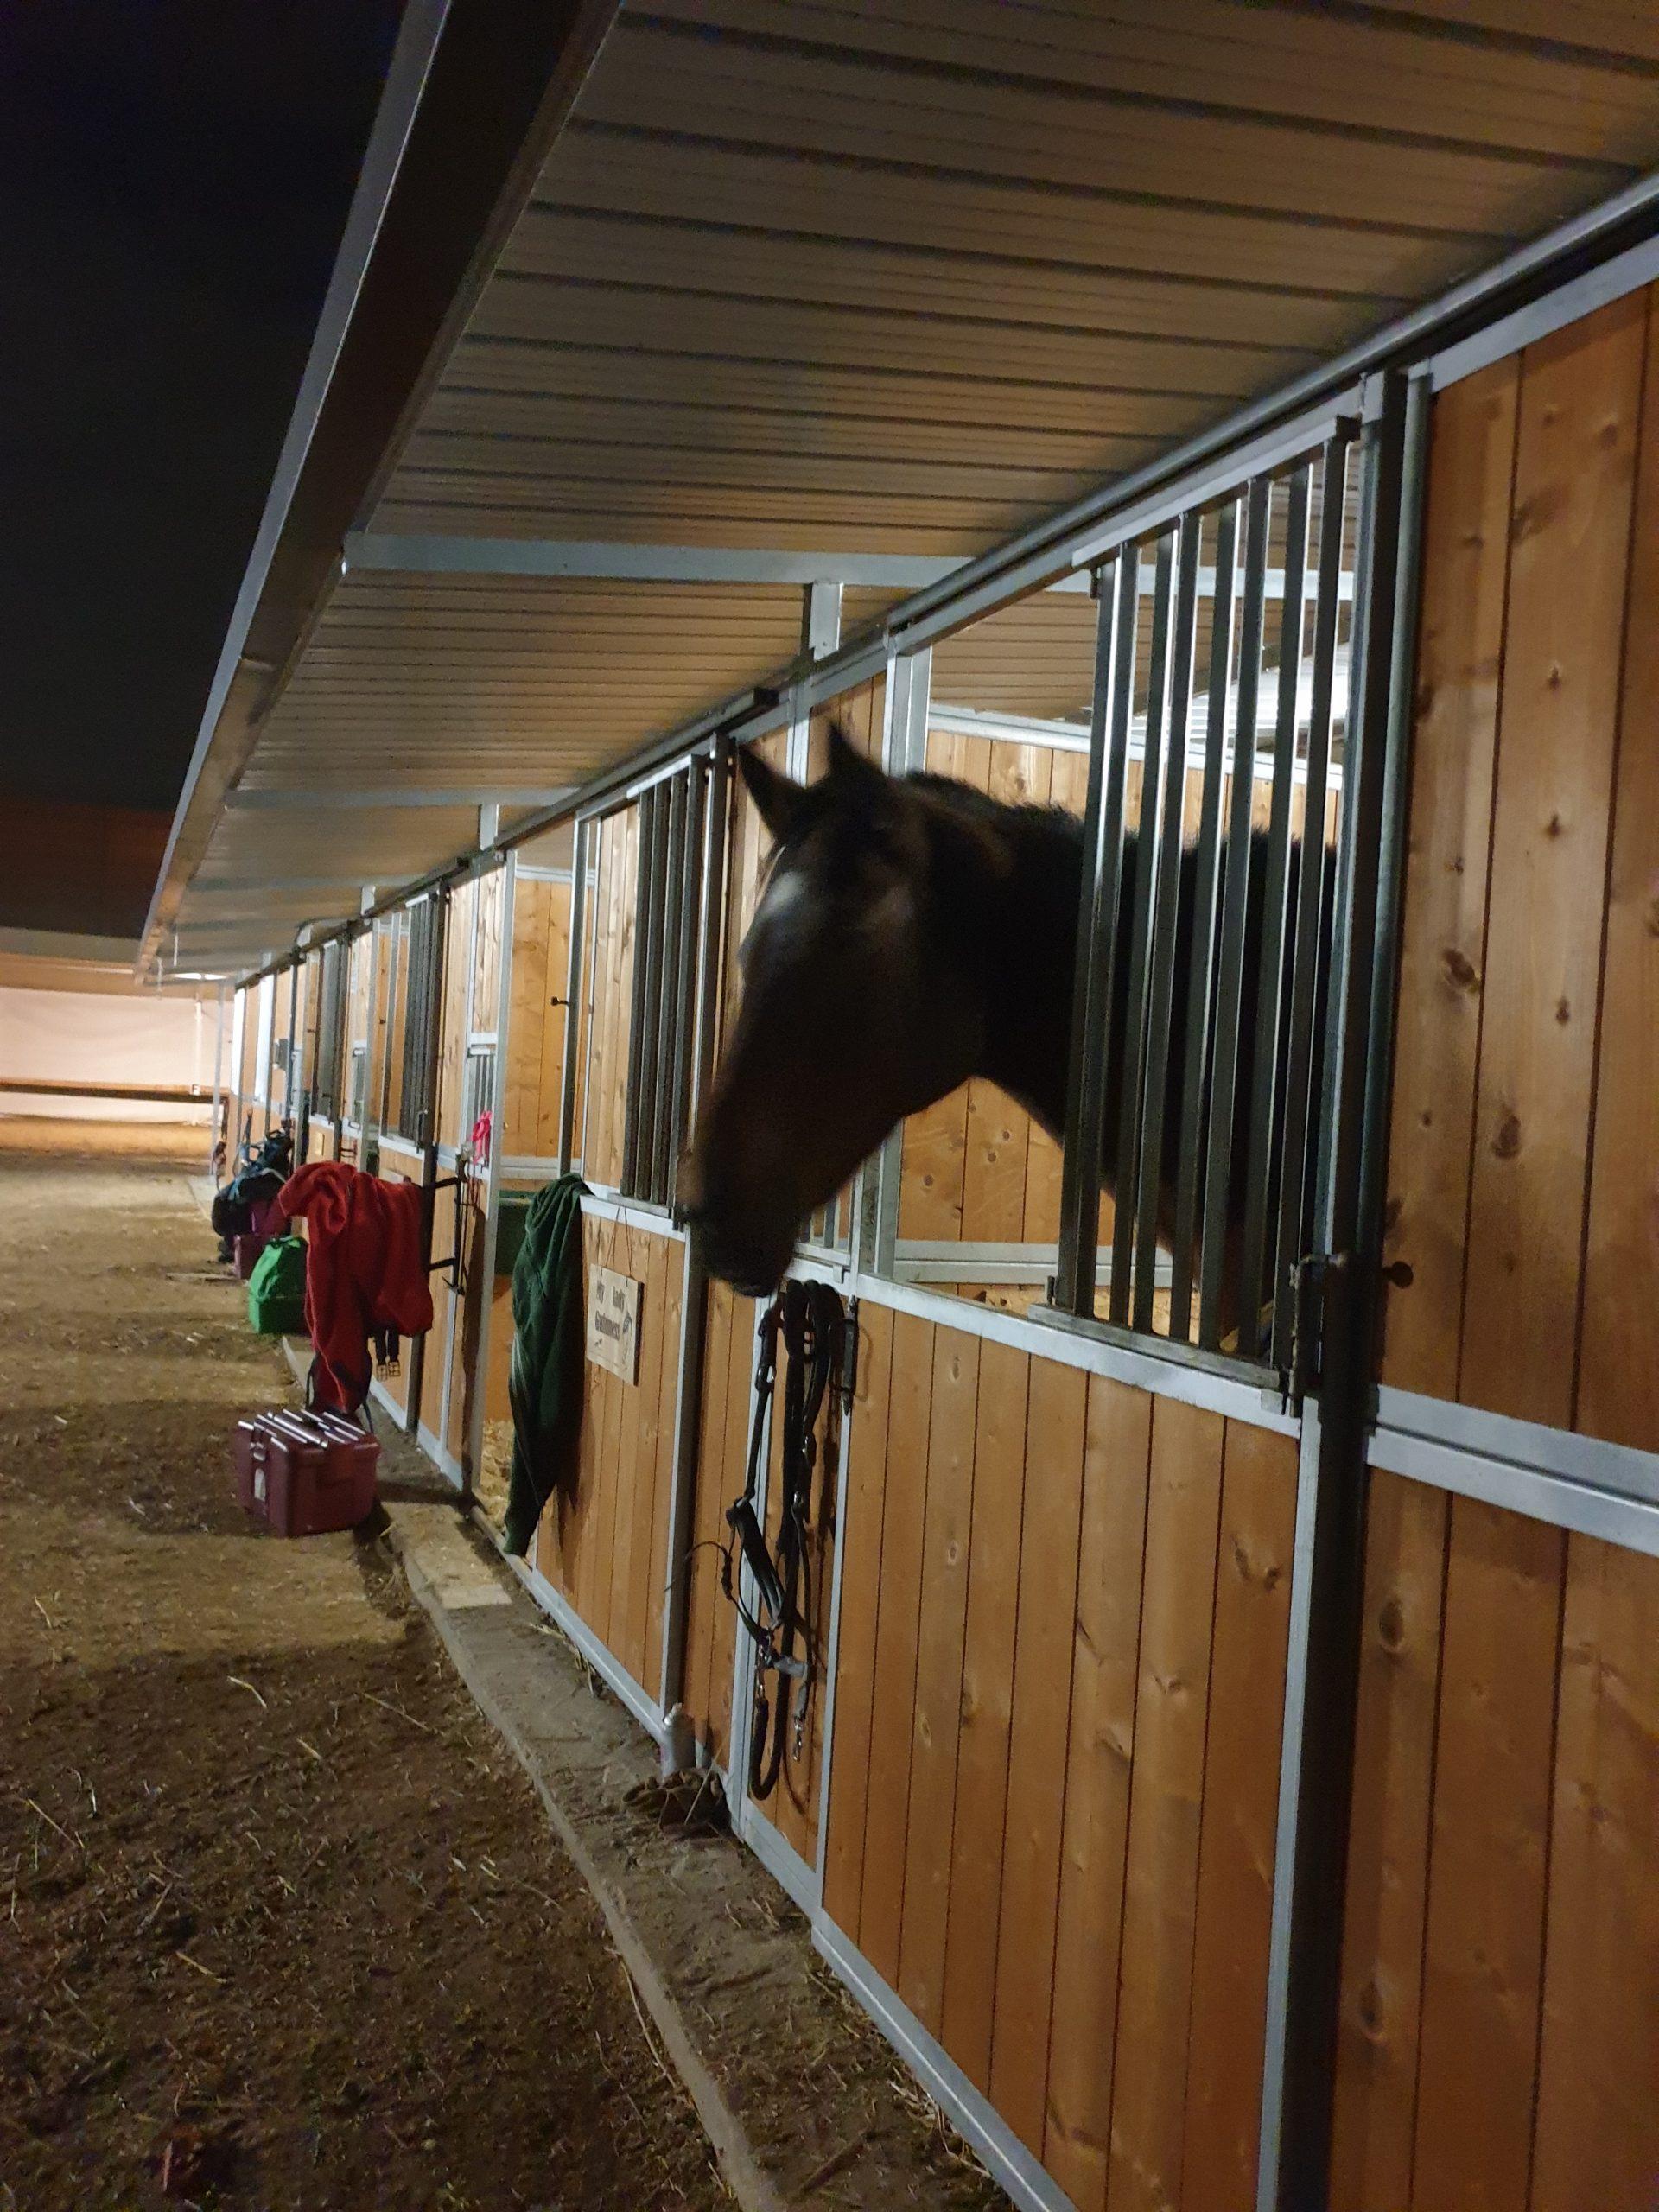 le scuderie e i box per ospitare il cavallo